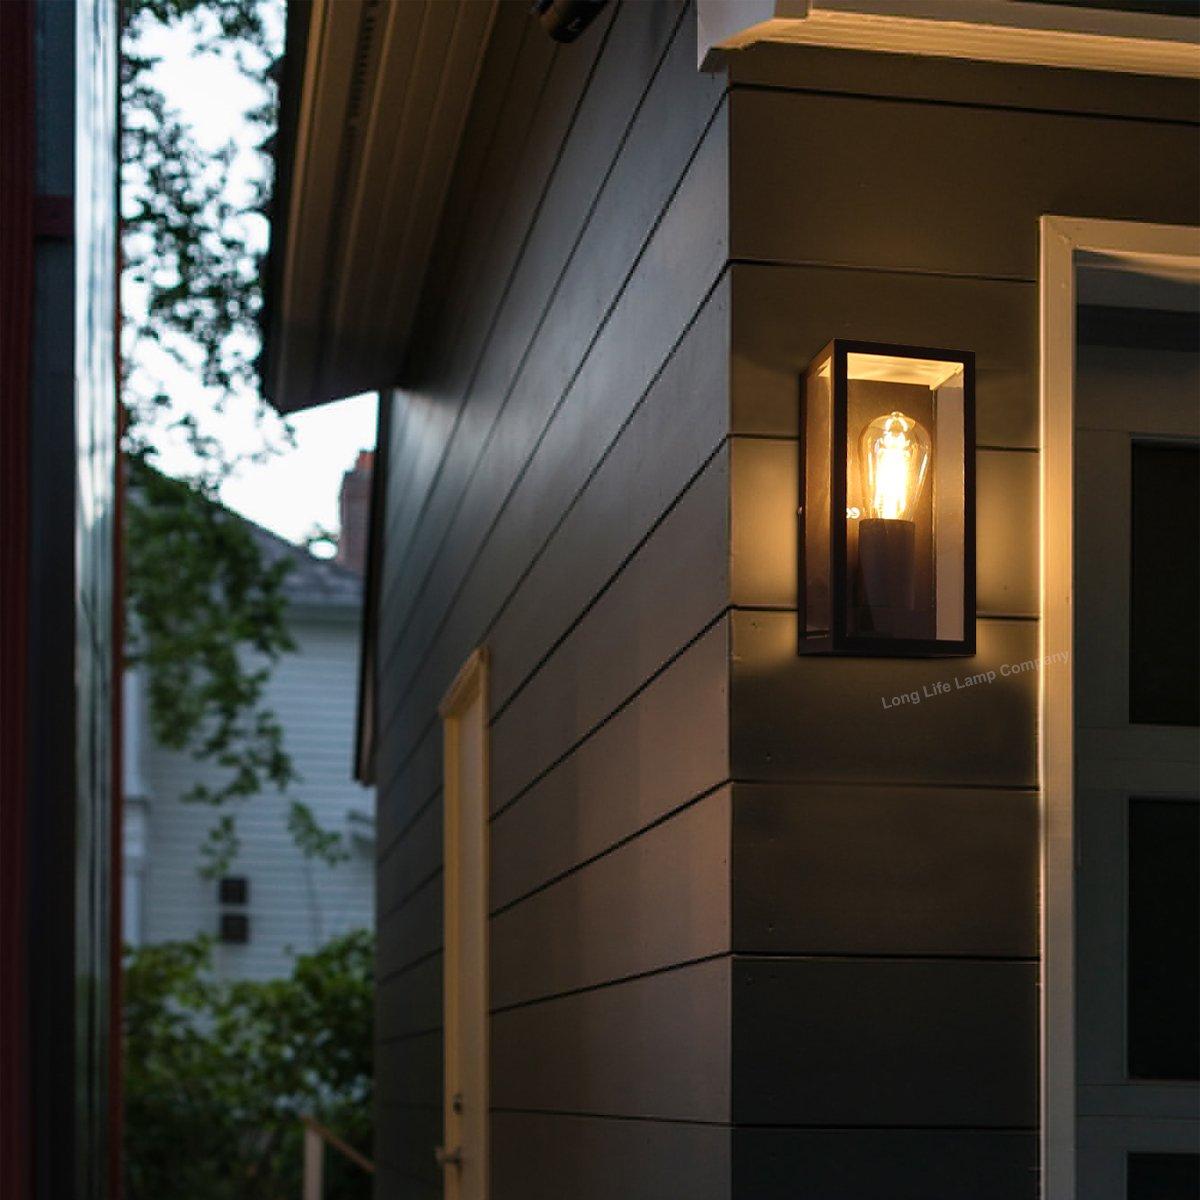 Moon Wall Light Remote Control : Rectangular Glass Outdoor Wall Light Black Metal Garden Wall Lamp ZLC084B eBay